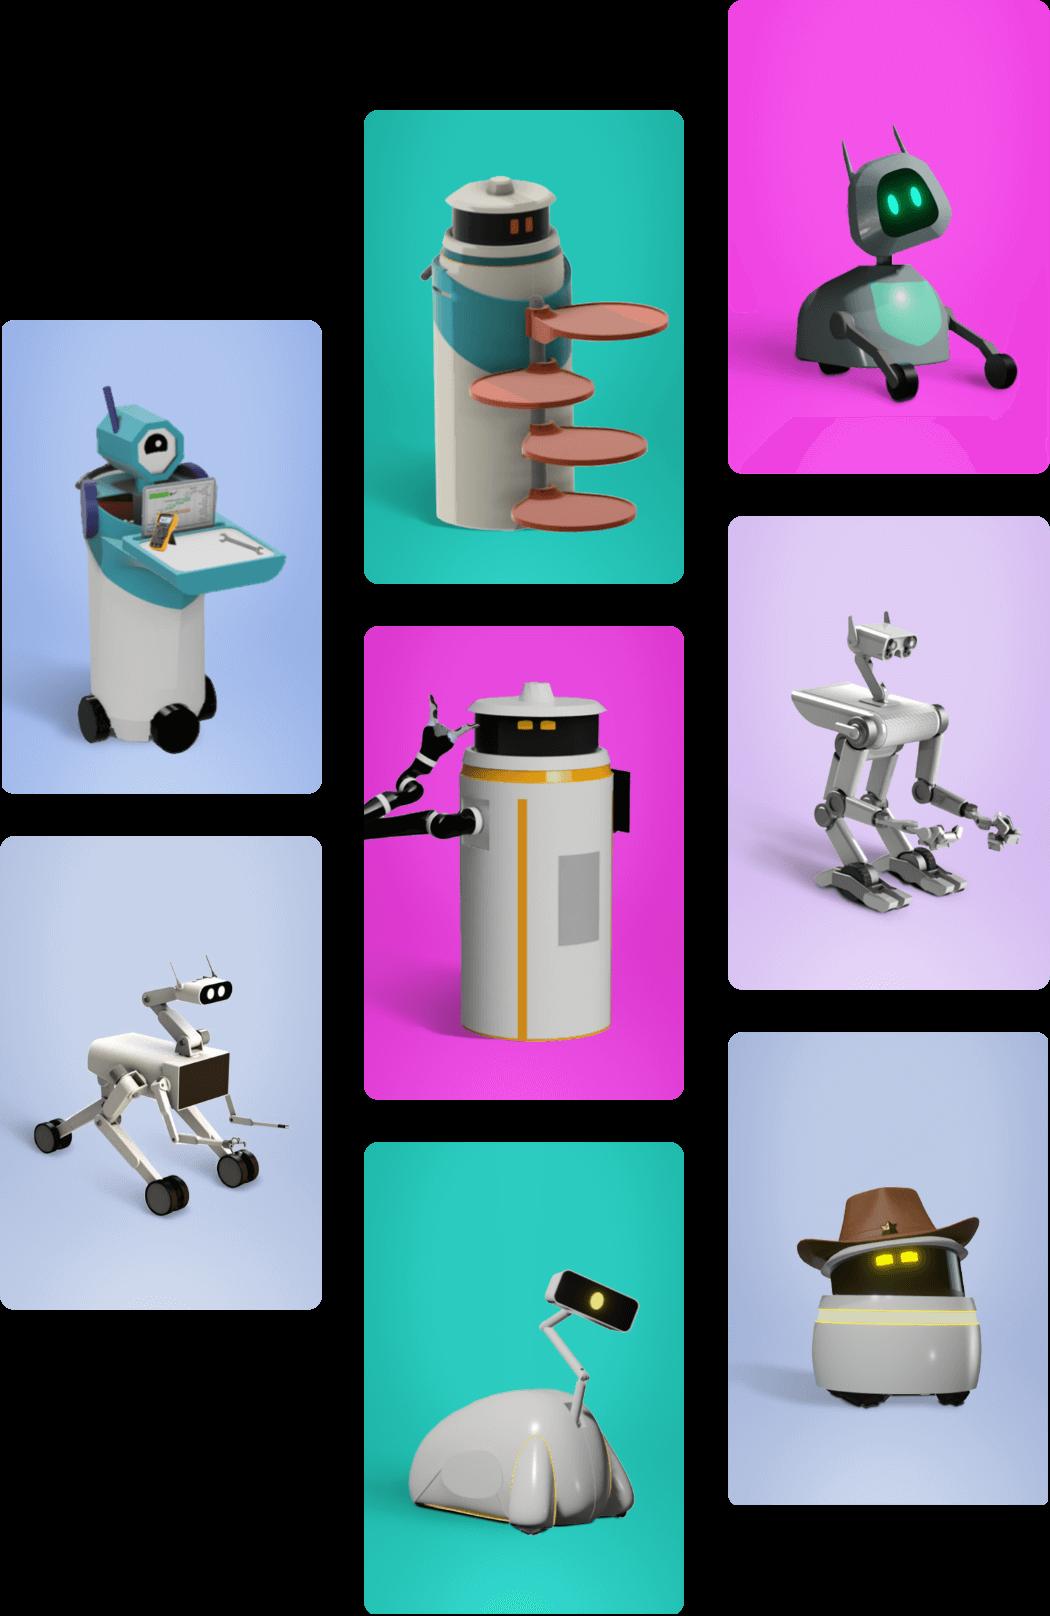 Akin Helper Robots